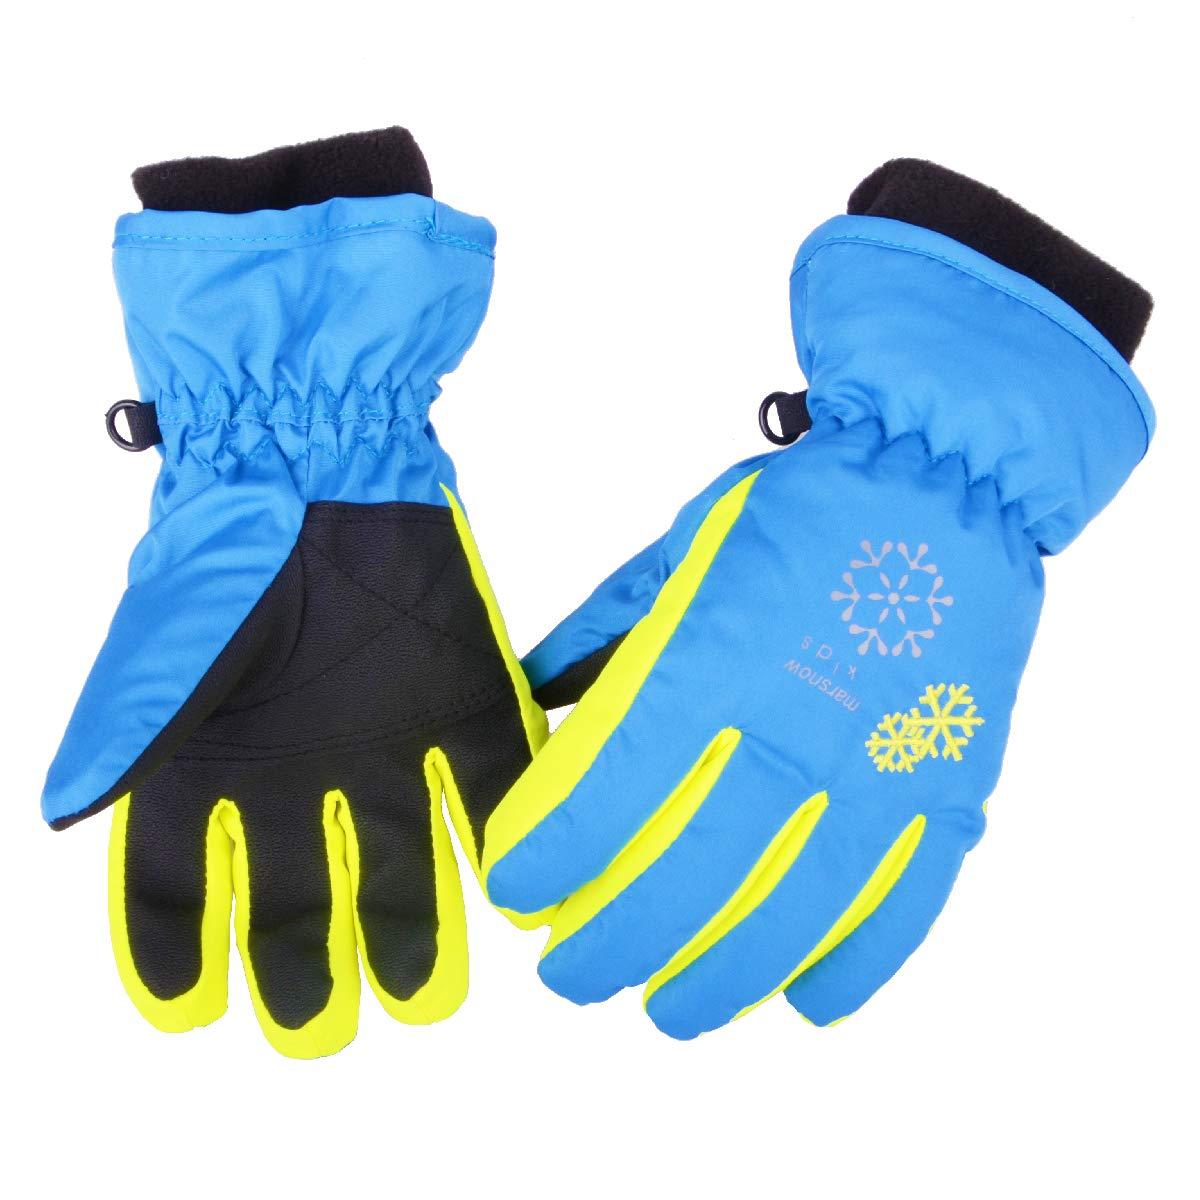 Azarxis Kinder Handschuhe Winter Ski Handschuhe für Kinder Mädchen Jungen Radfahren Skifahren Snowboarden